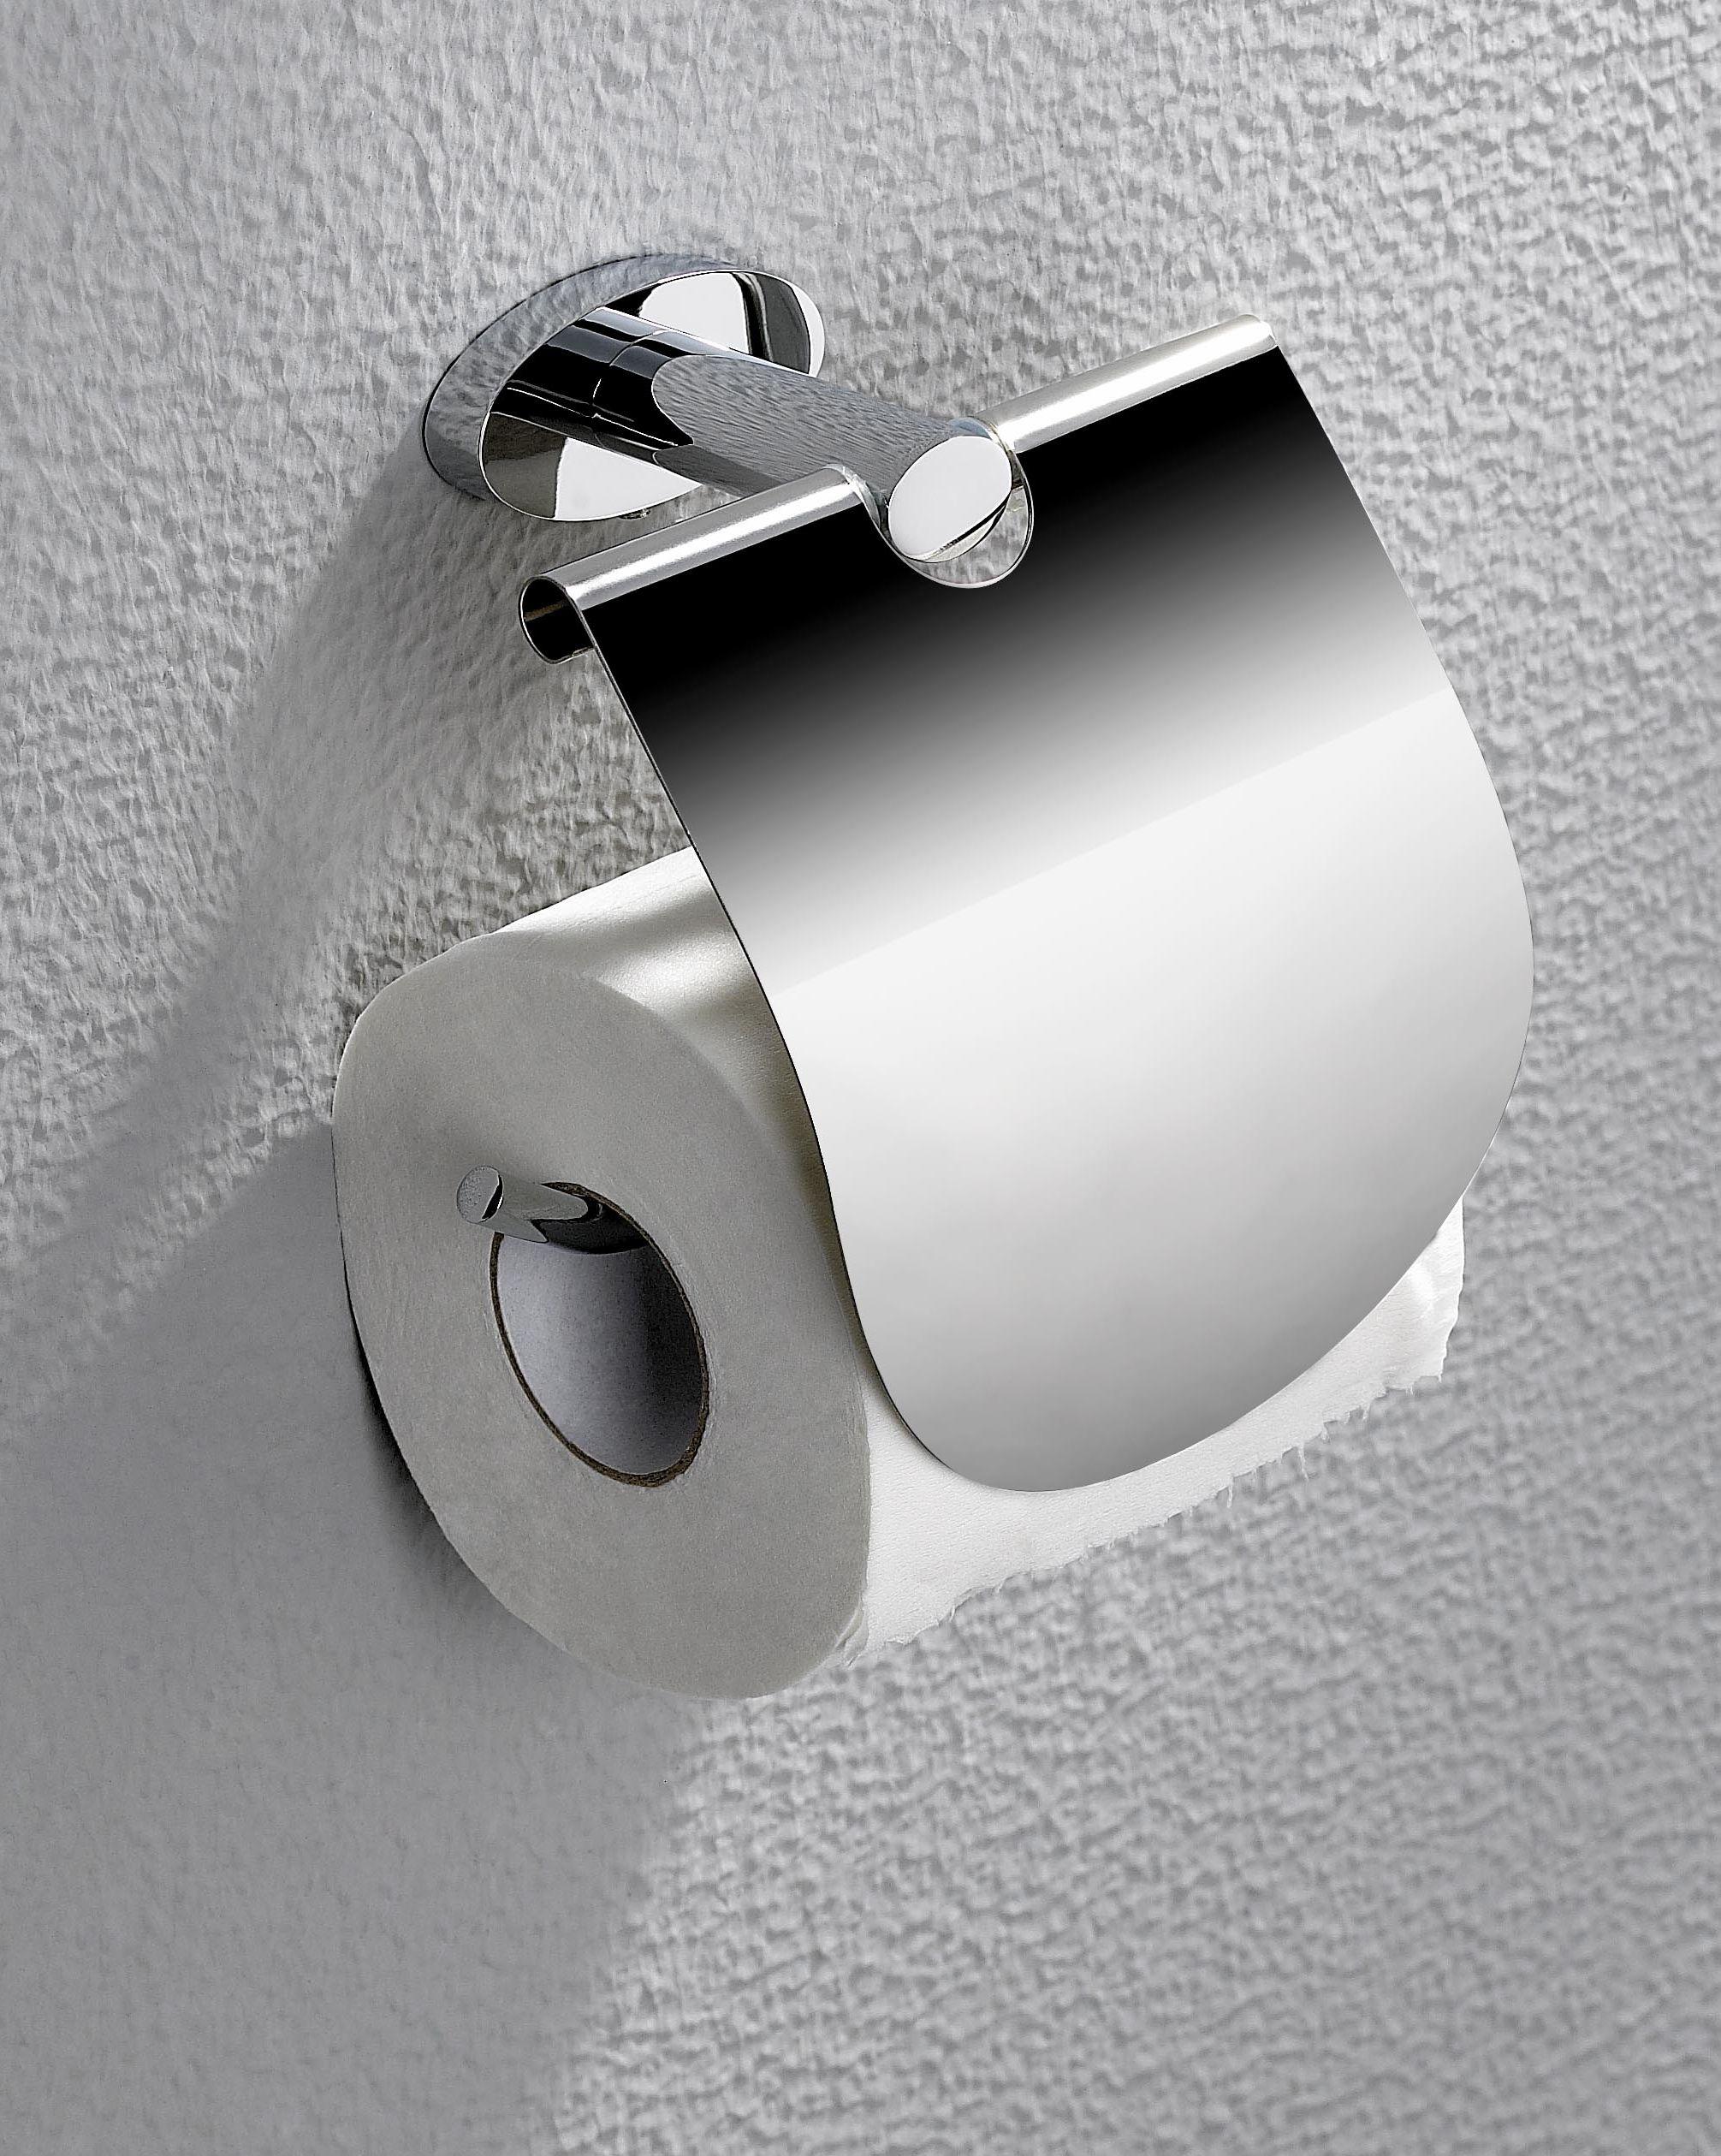 RONDOLUX Toilettenpapierhalter mit Deckel